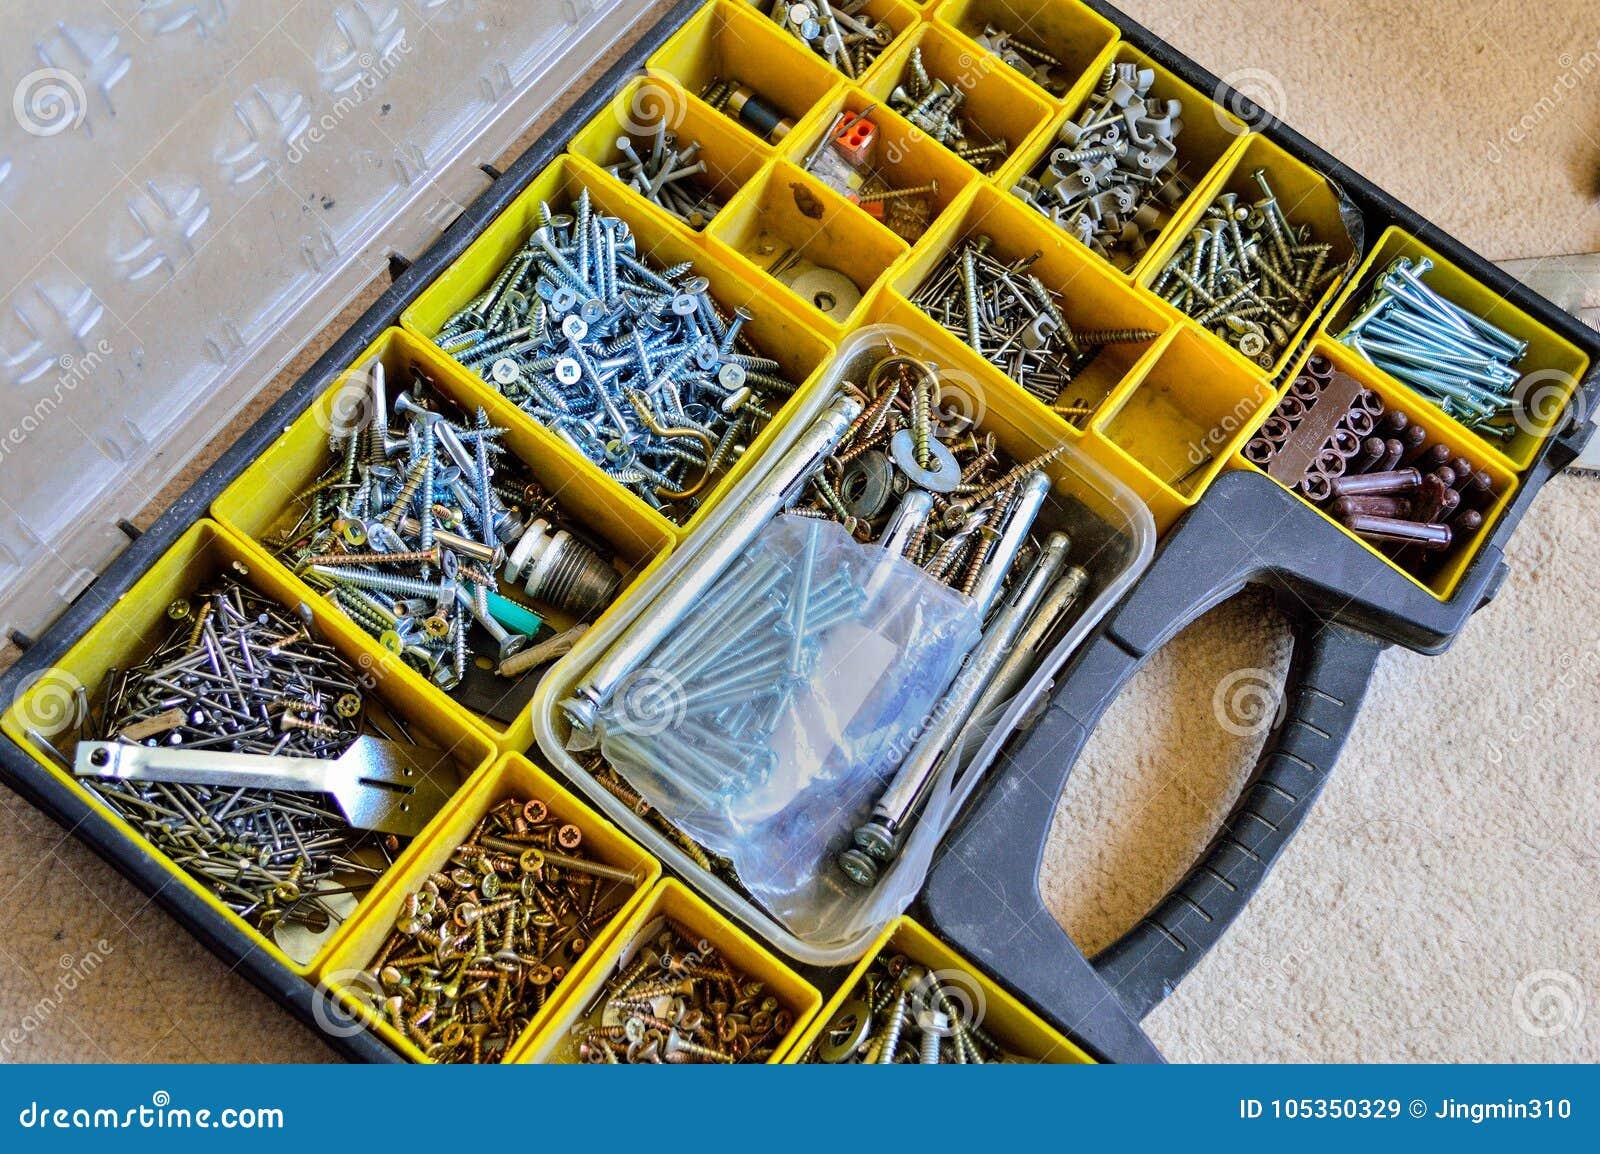 一个箱子以钉子、螺丝、坚果、螺栓和洗衣机品种